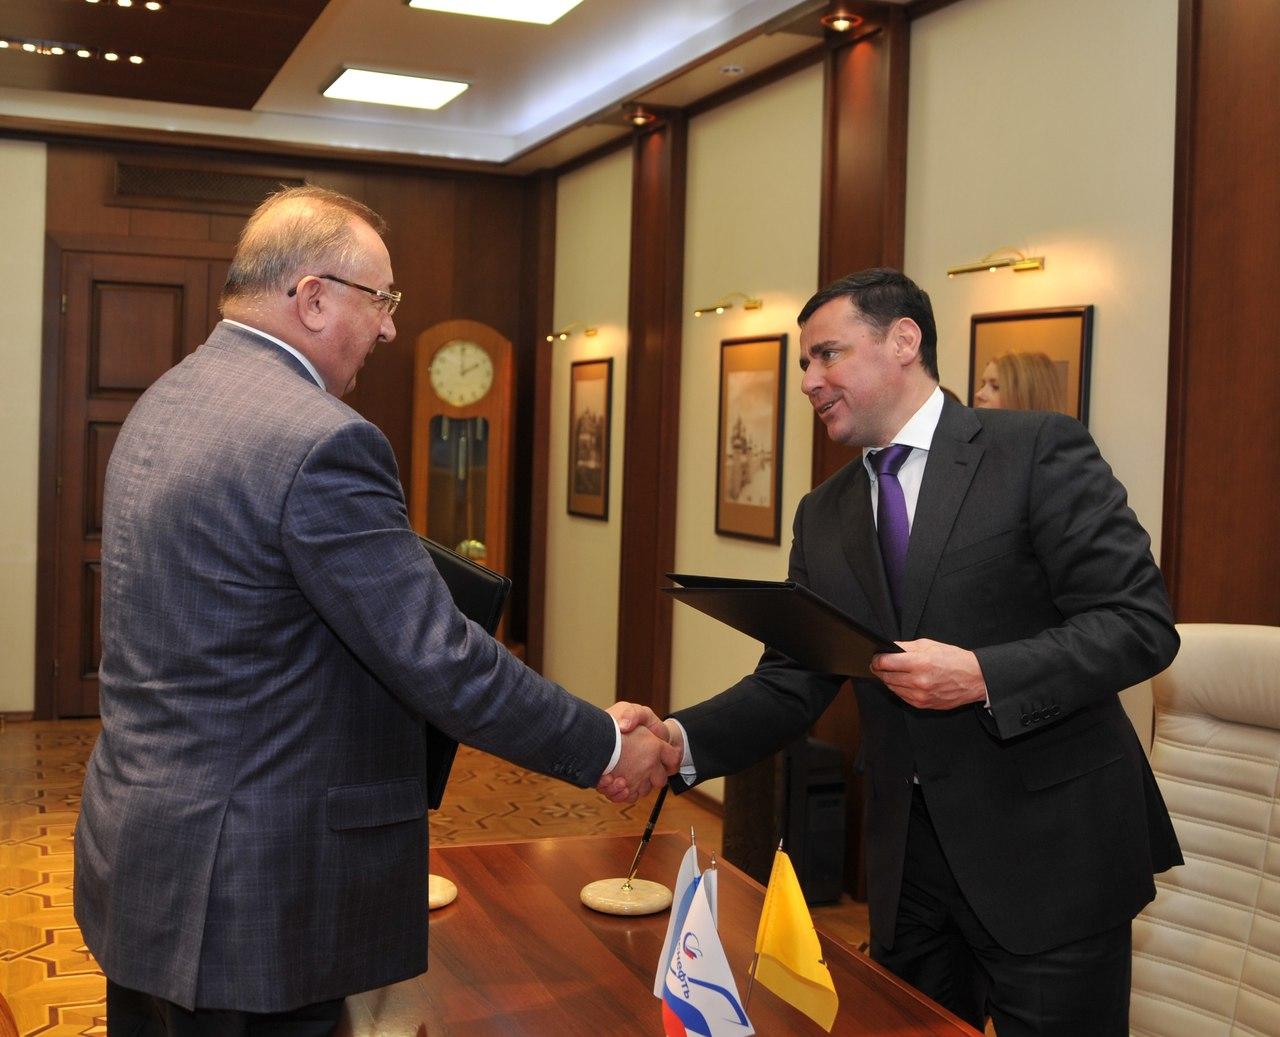 Губернатор Дмитрий Миронов подписал соглашение о сотрудничестве с президентом «Транснефть»